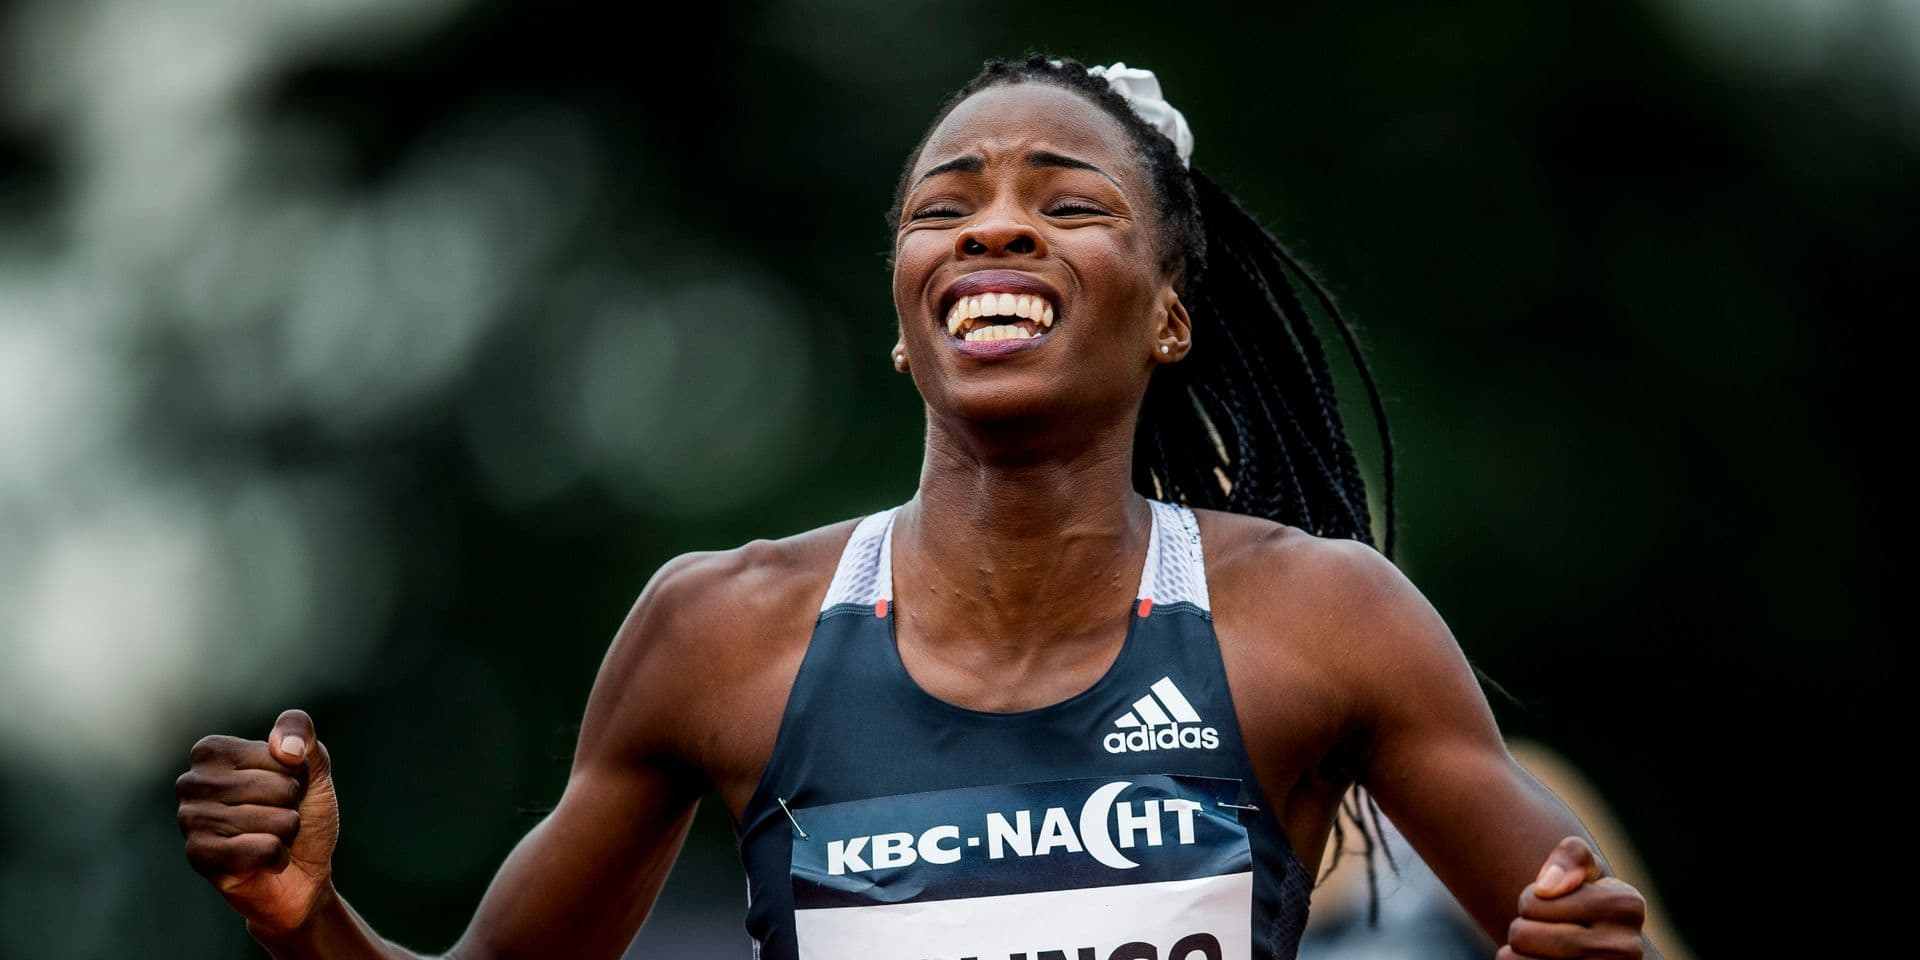 Cynthia Bolingo pulvérise le record de Belgique du 300m en 36.54, 3e chrono mondial de l'année !